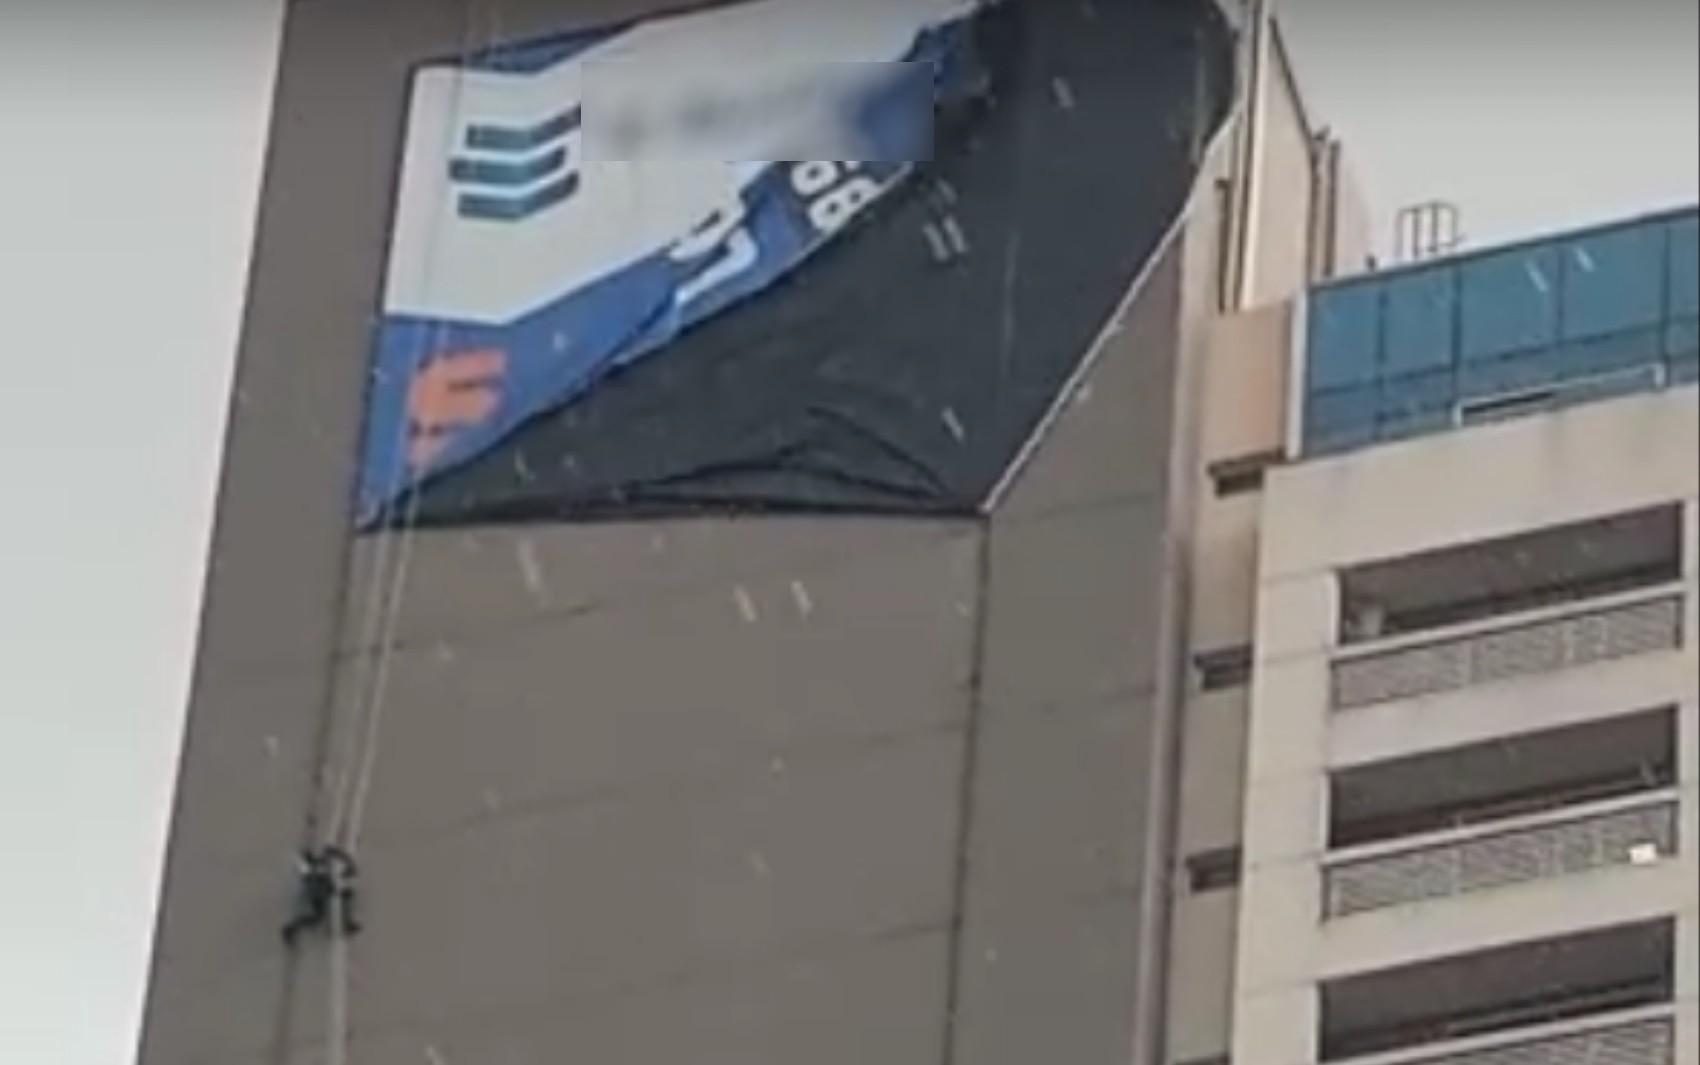 Temporal deixa trabalhador pendurado em fachada de prédio enquanto instalava lona, em Aparecida de Goiânia